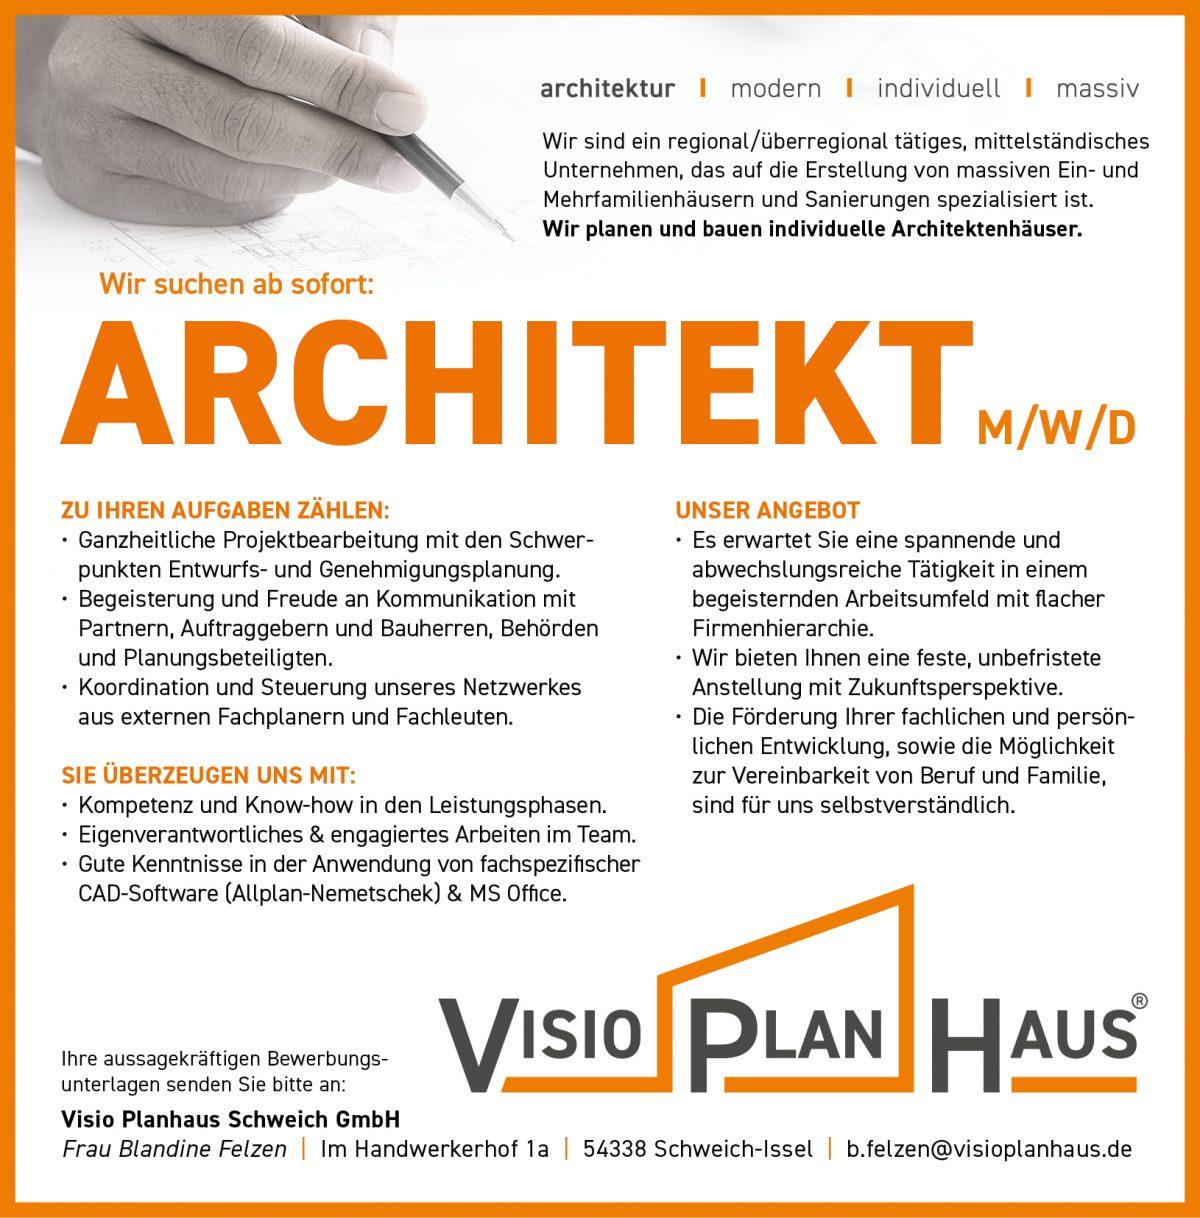 Karriere-Architekt